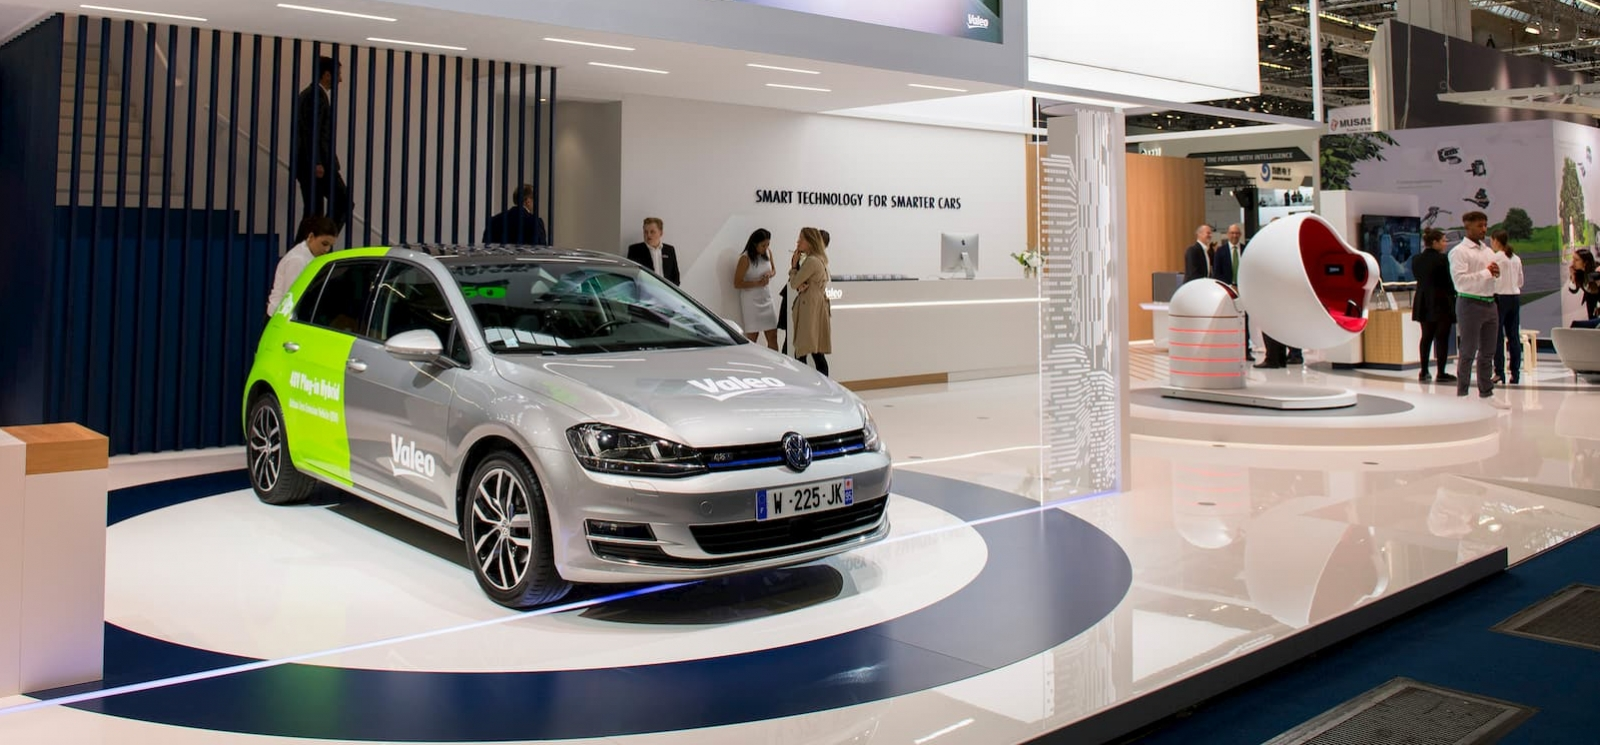 Valeo - Smart technology for smarter cars